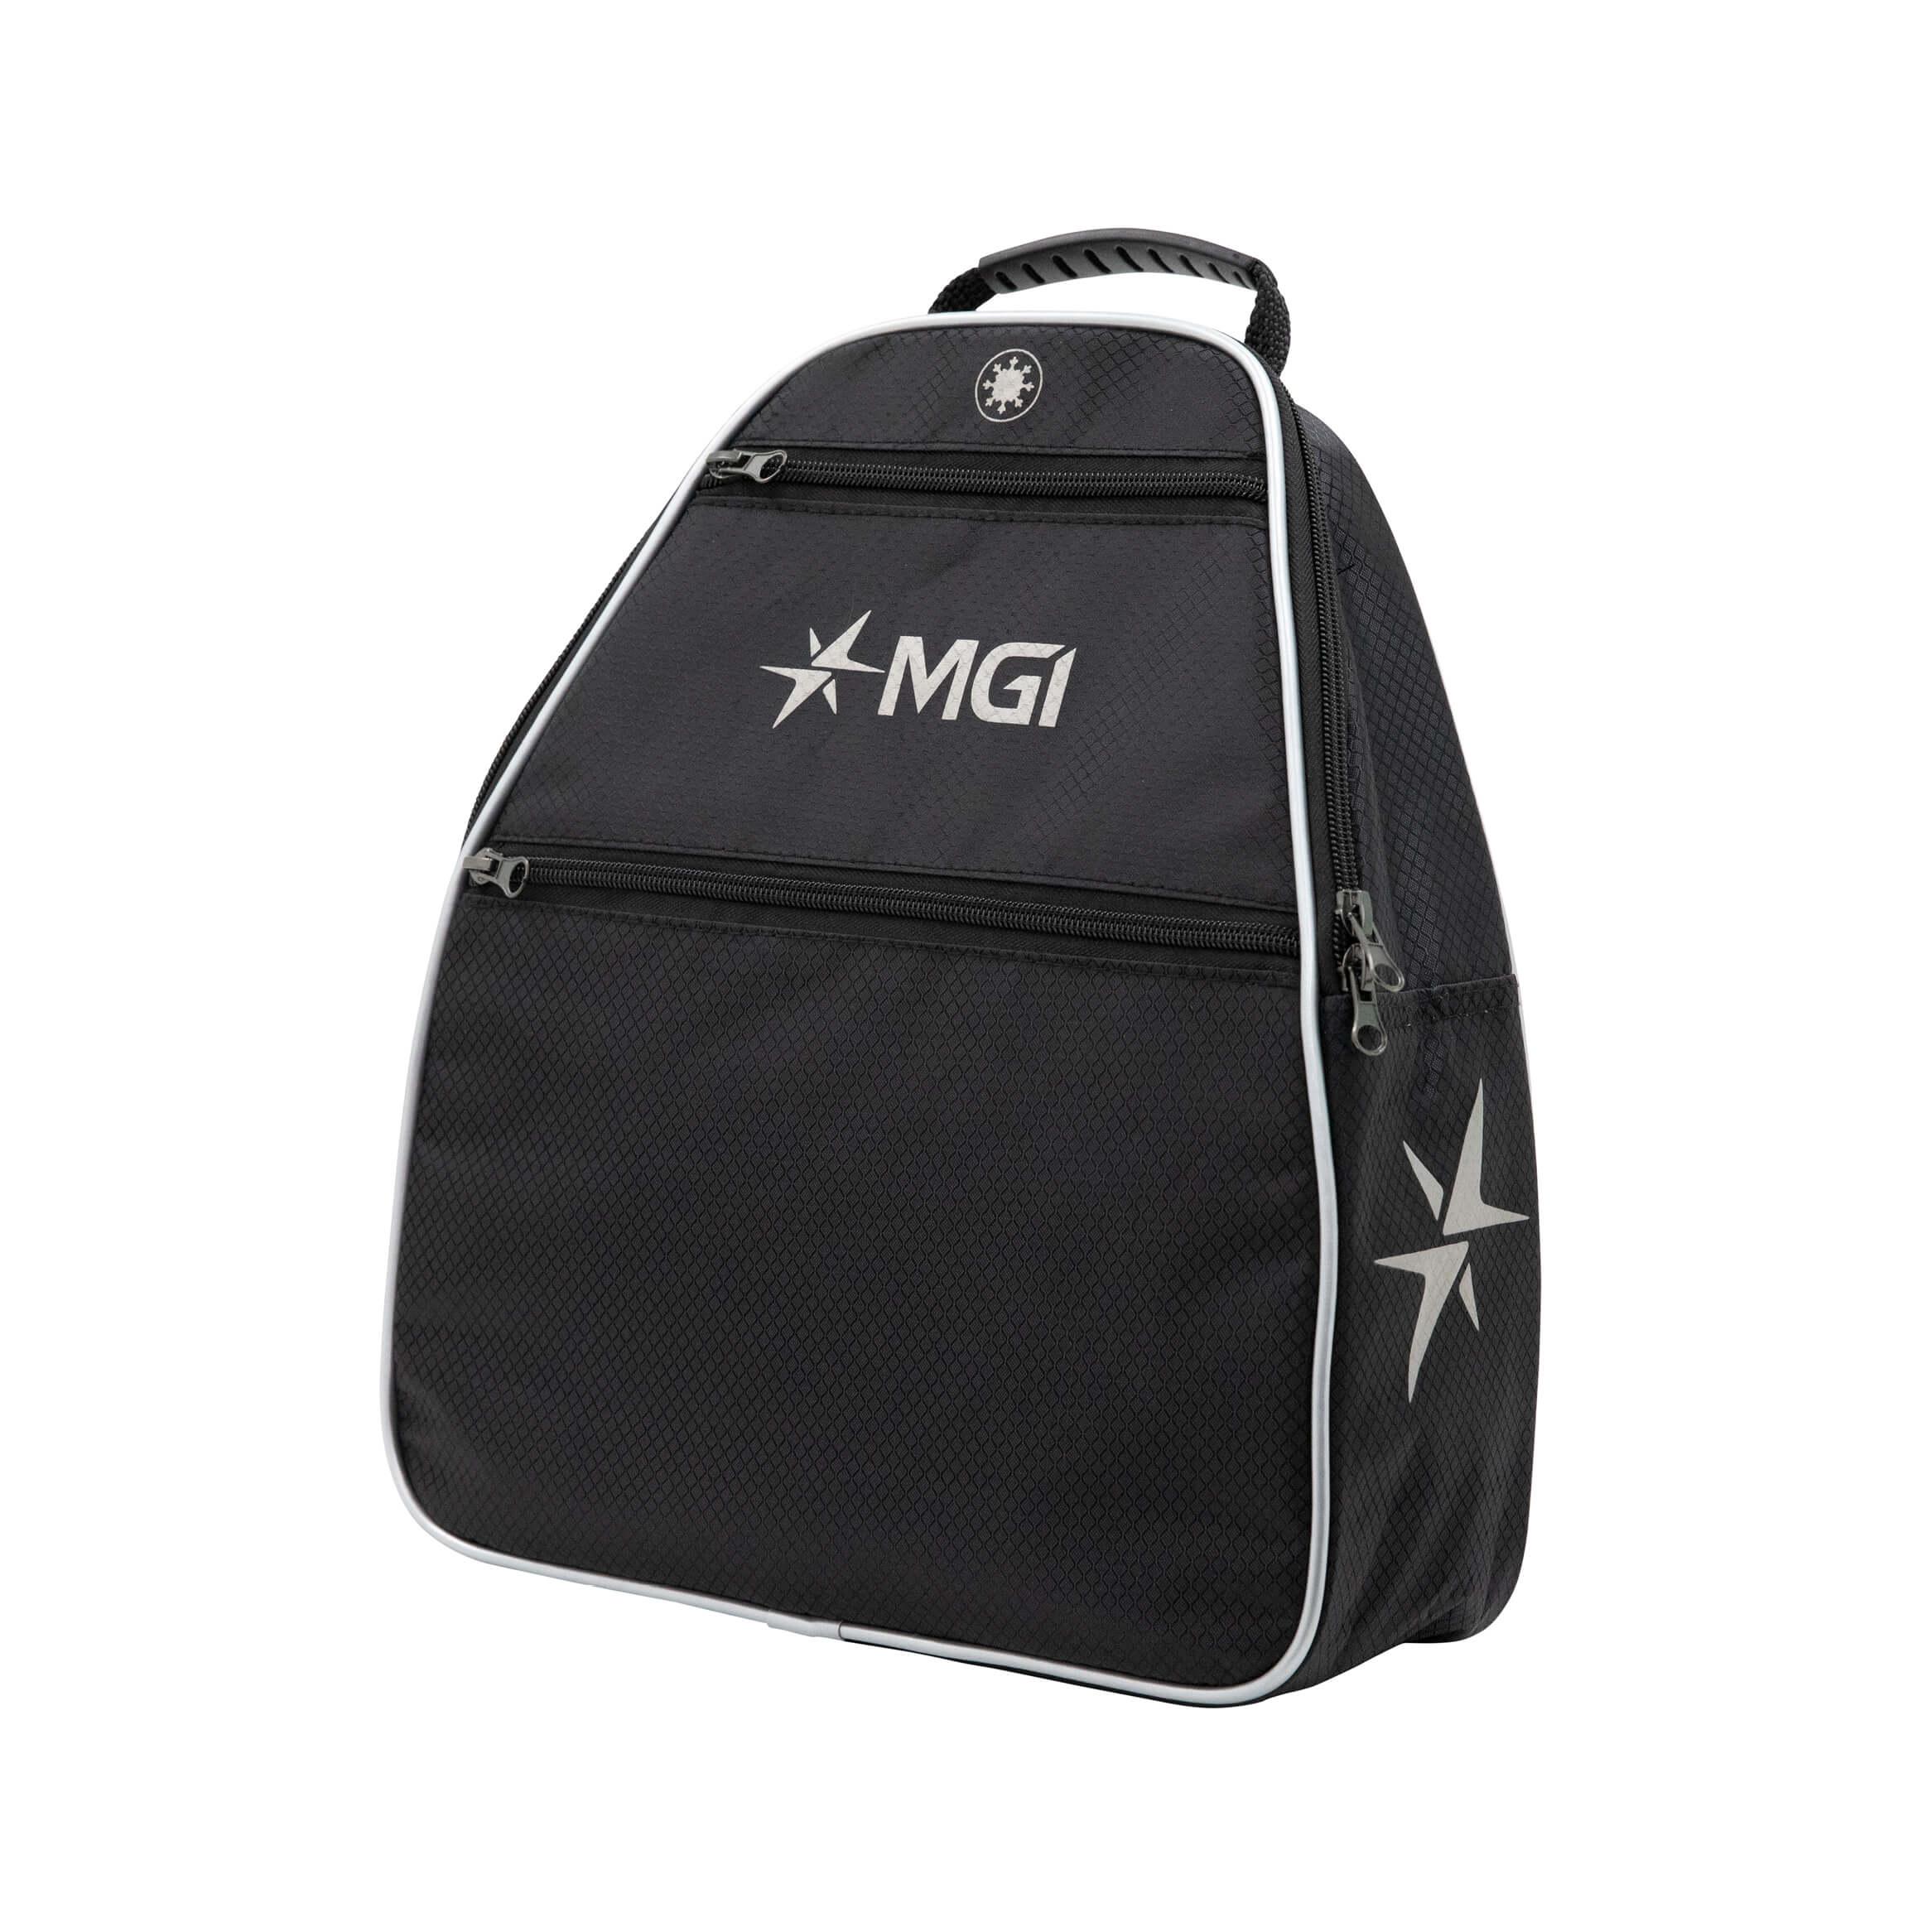 Cooler & Storage Bag